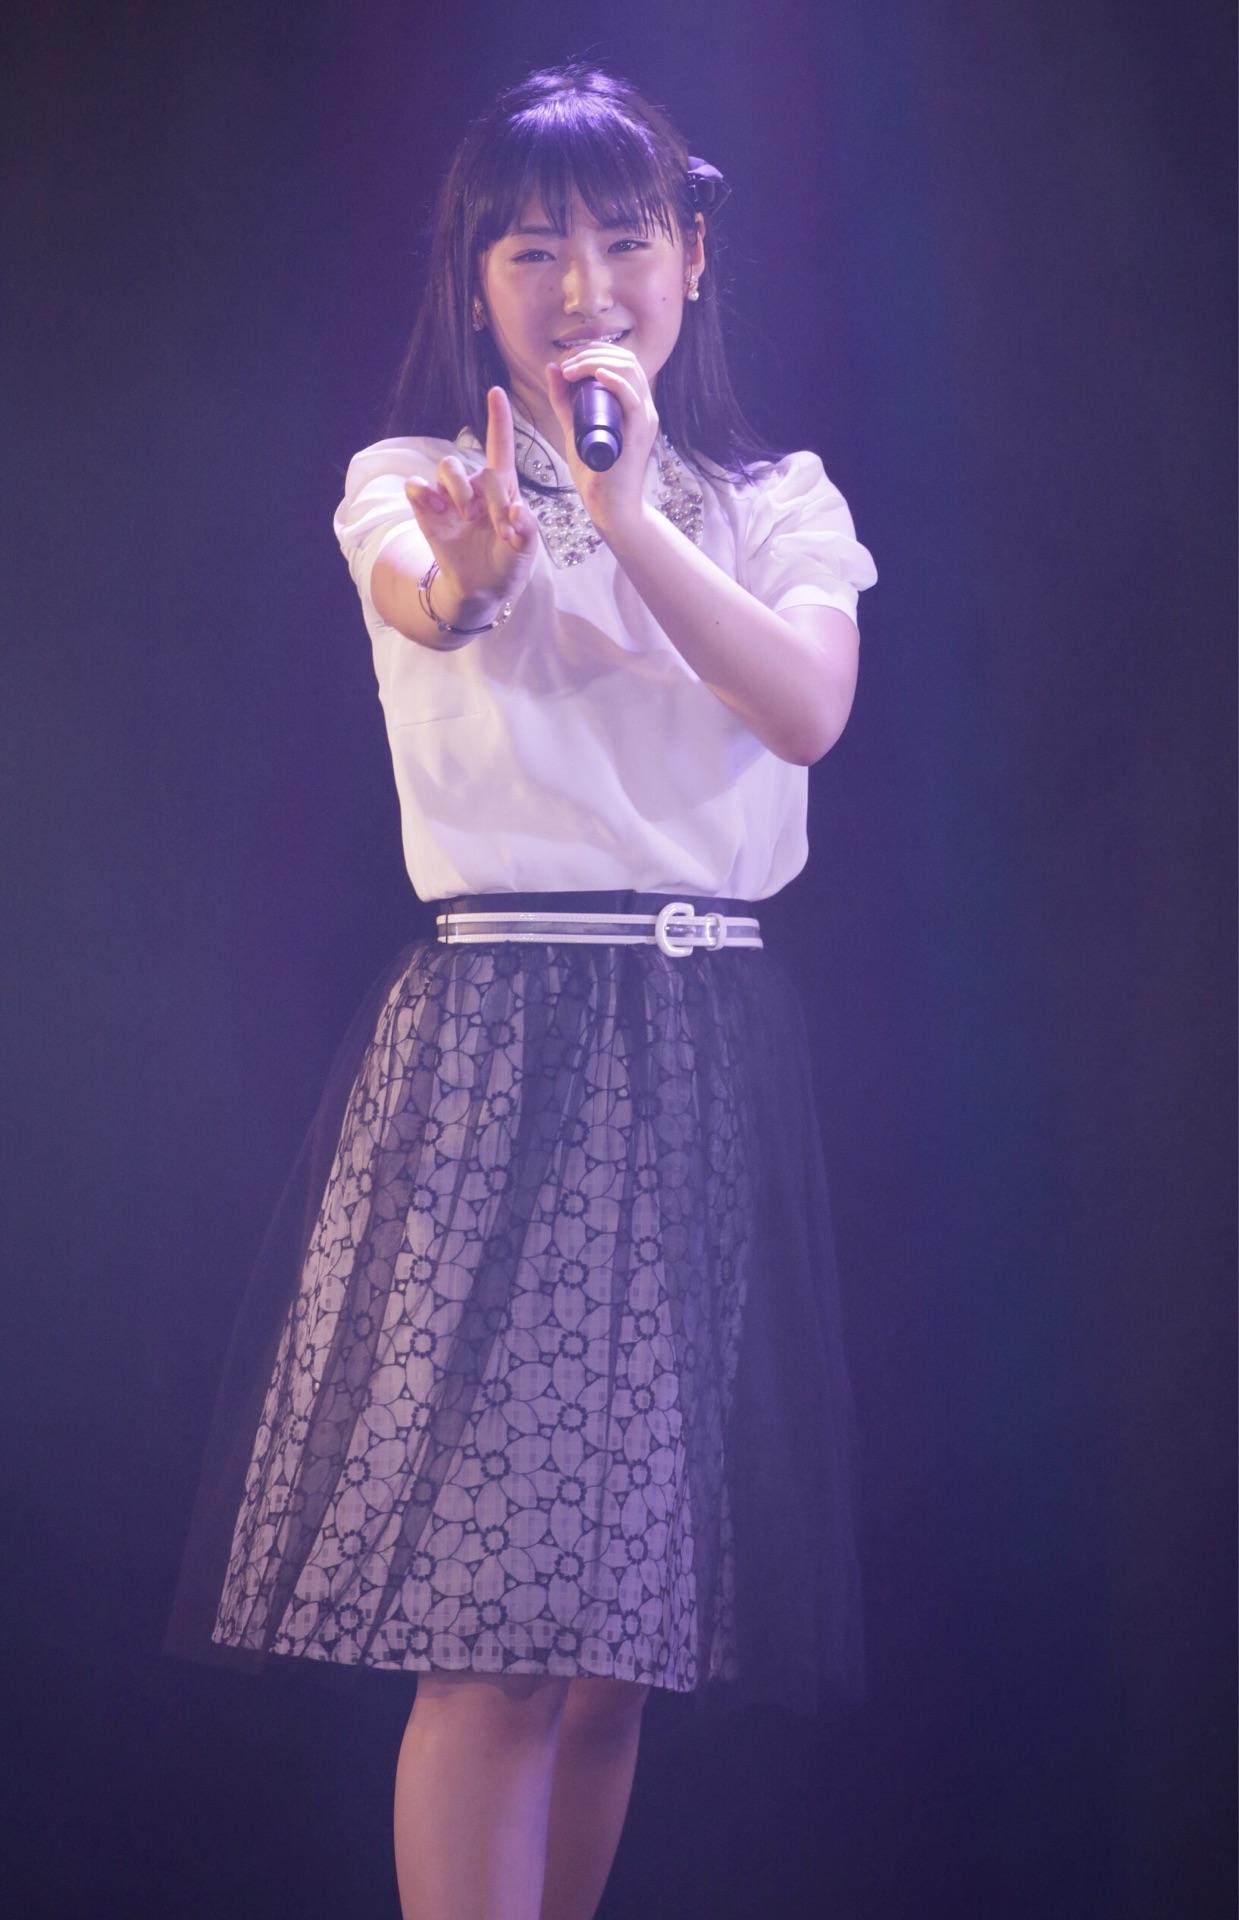 【SKE48/チームK�U】高塚夏生応援スレ5.2【イルカメラ】©2ch.netYouTube動画>41本 ->画像>1024枚